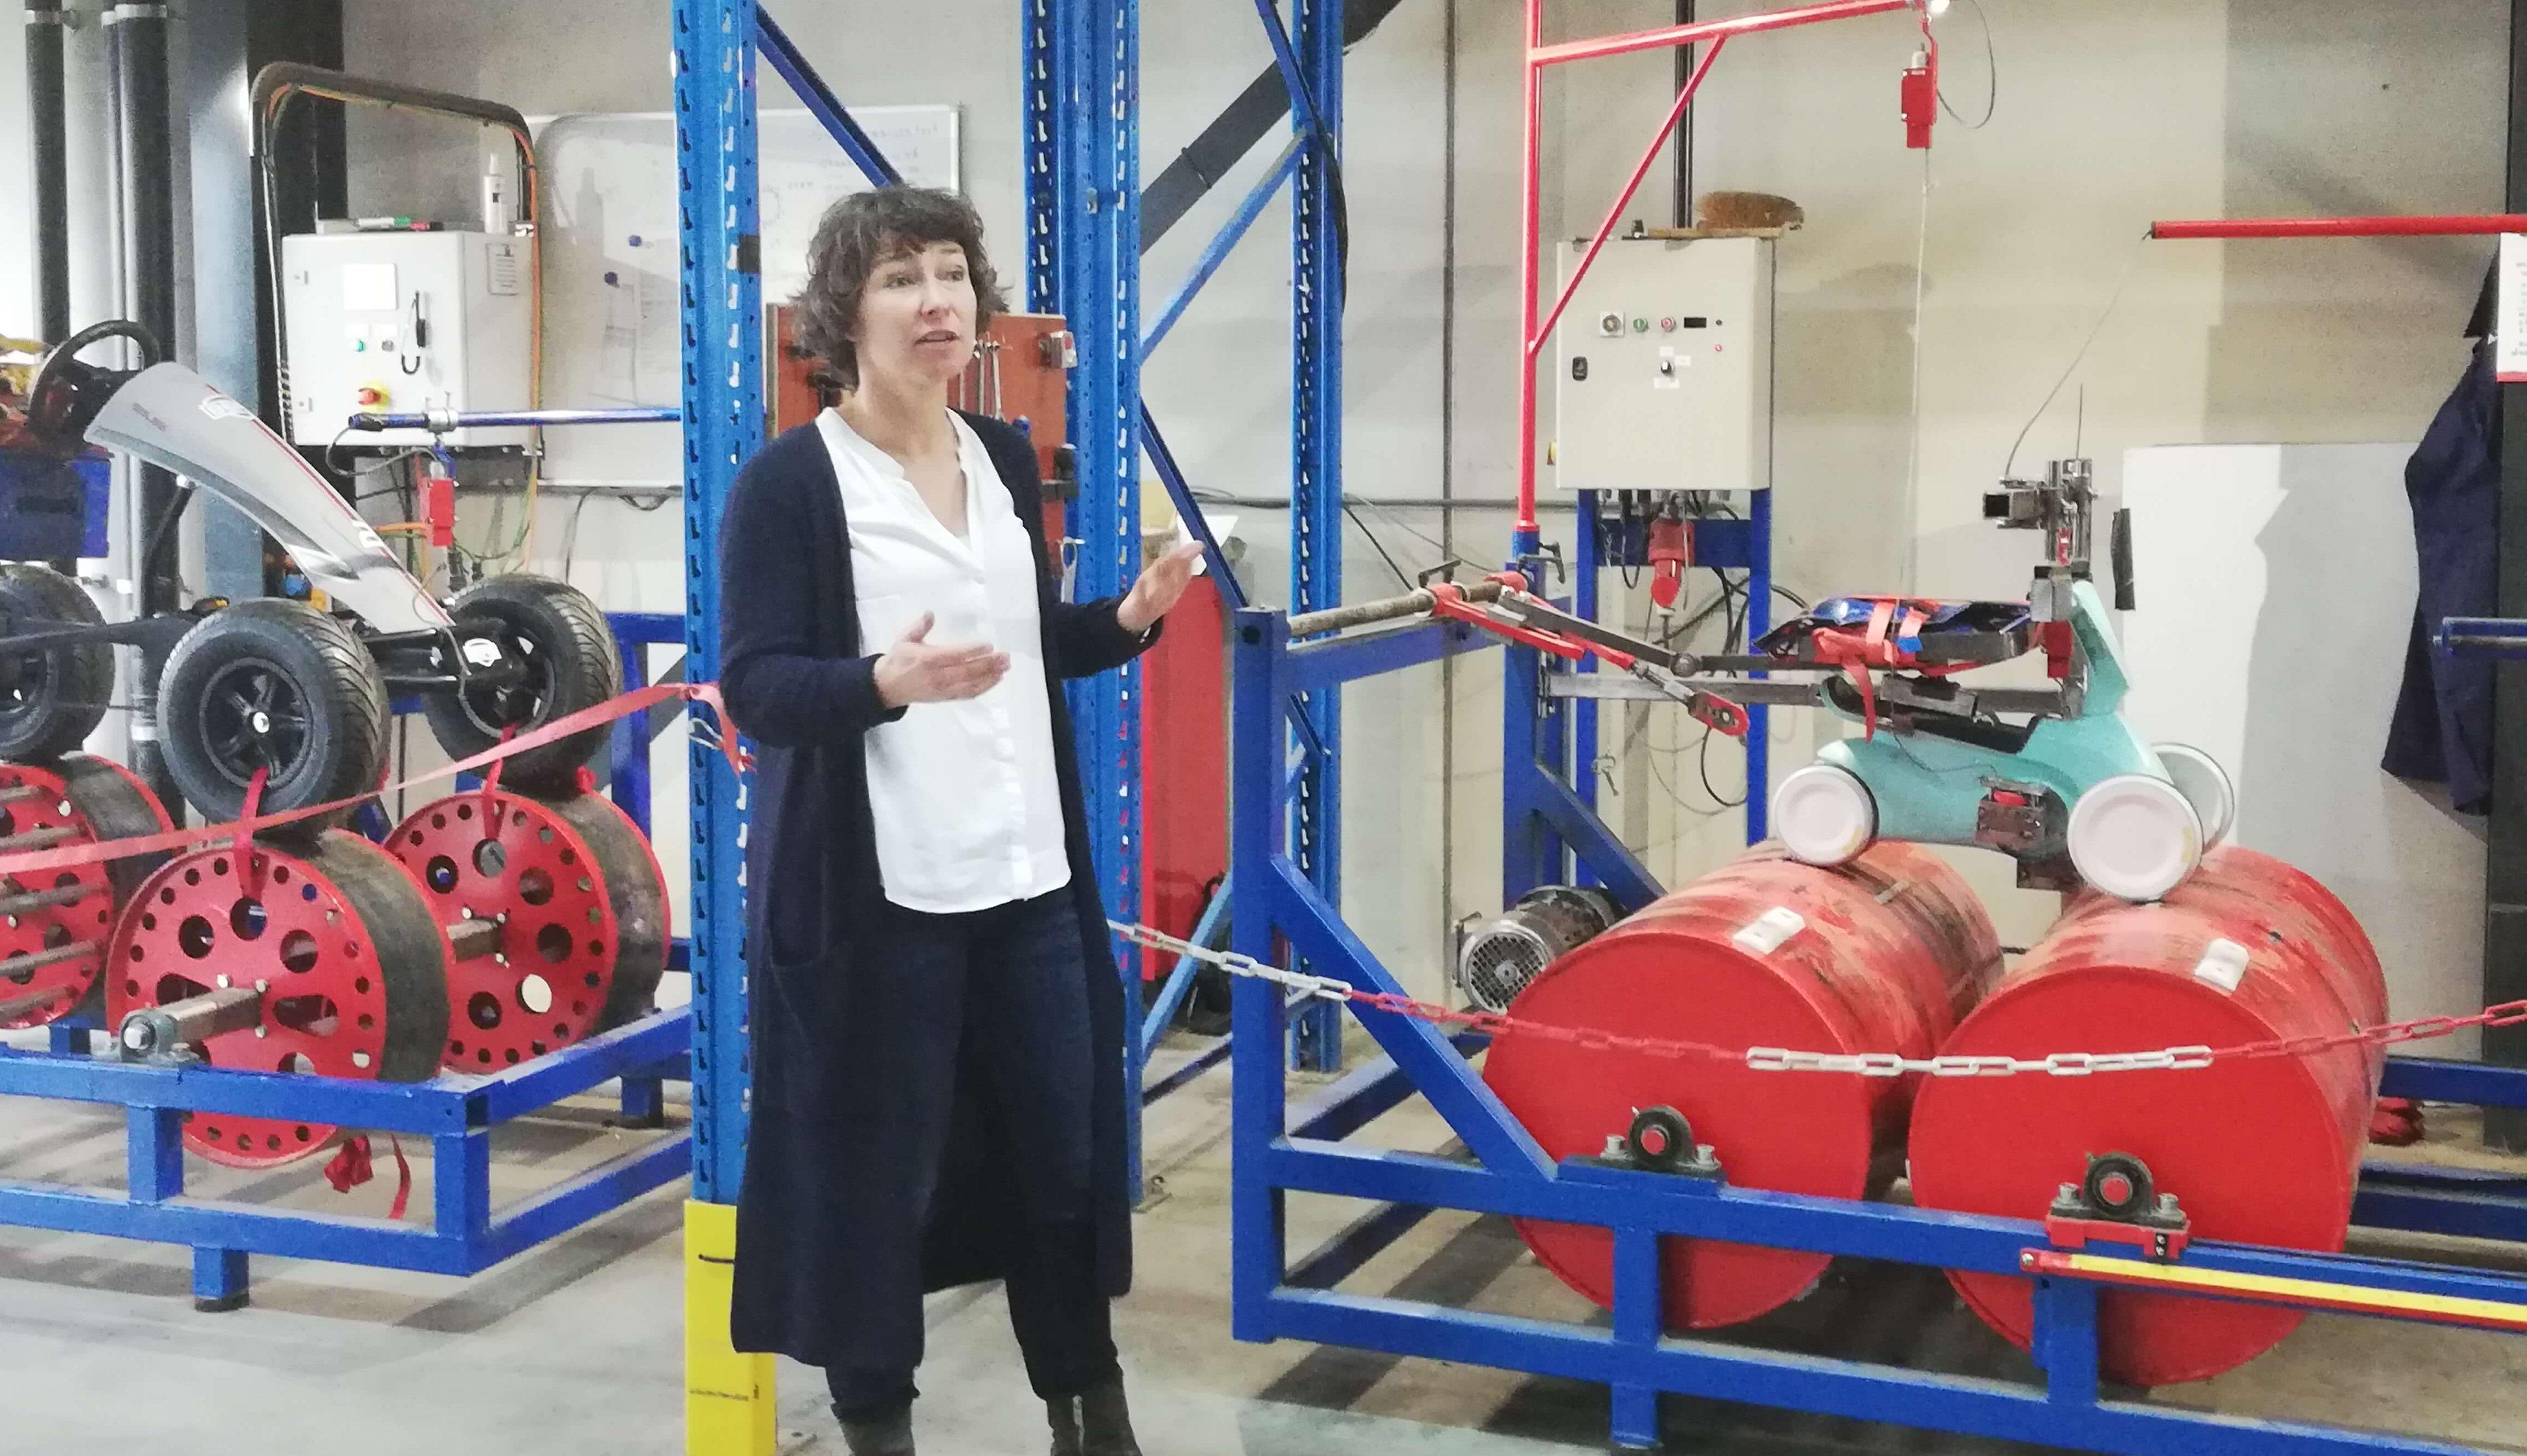 Gokart Entwicklung und Herstellung bei BERG Toys - gokart-profi.de live in EDE Niederlande